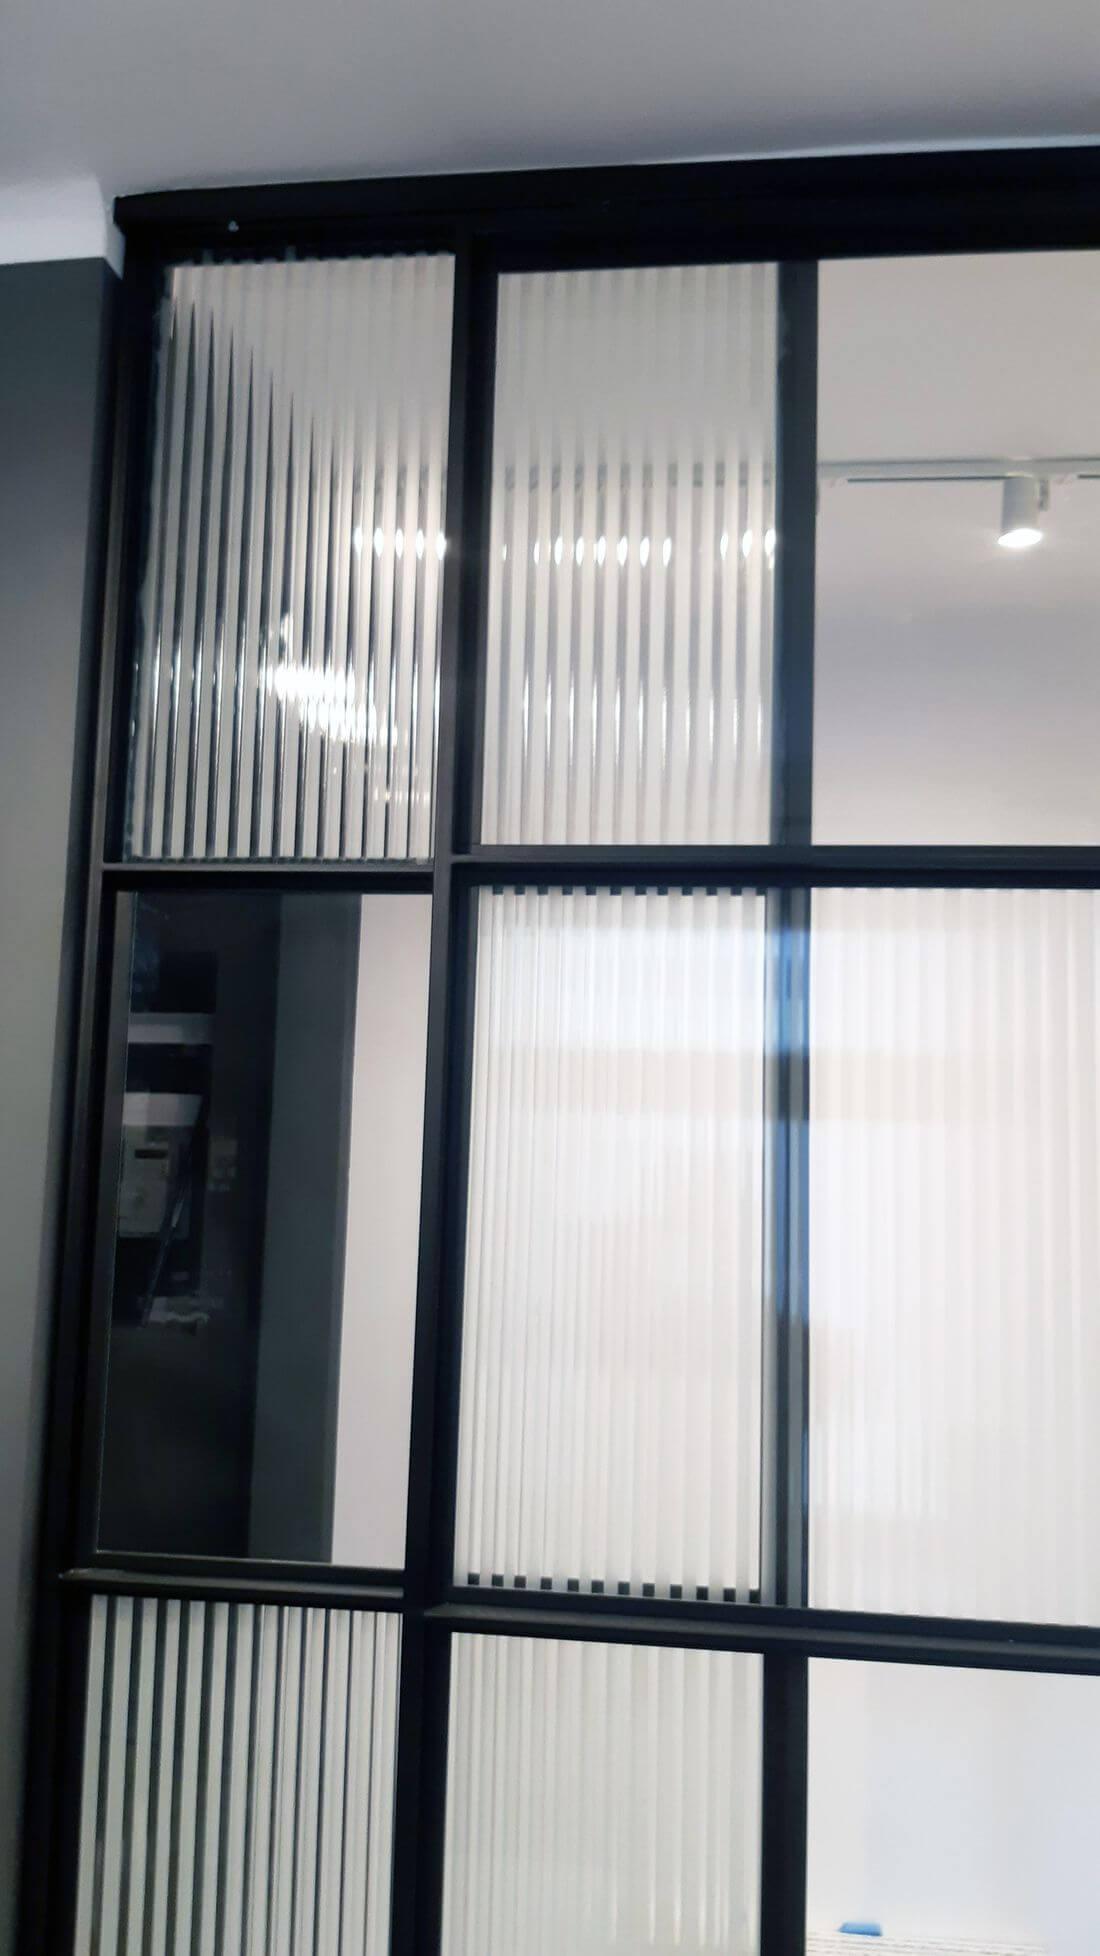 Drzwi przesuwne szklane loftowe – szkło bezpieczne 33.1 – szkło flutes – stalowa konstrukcja